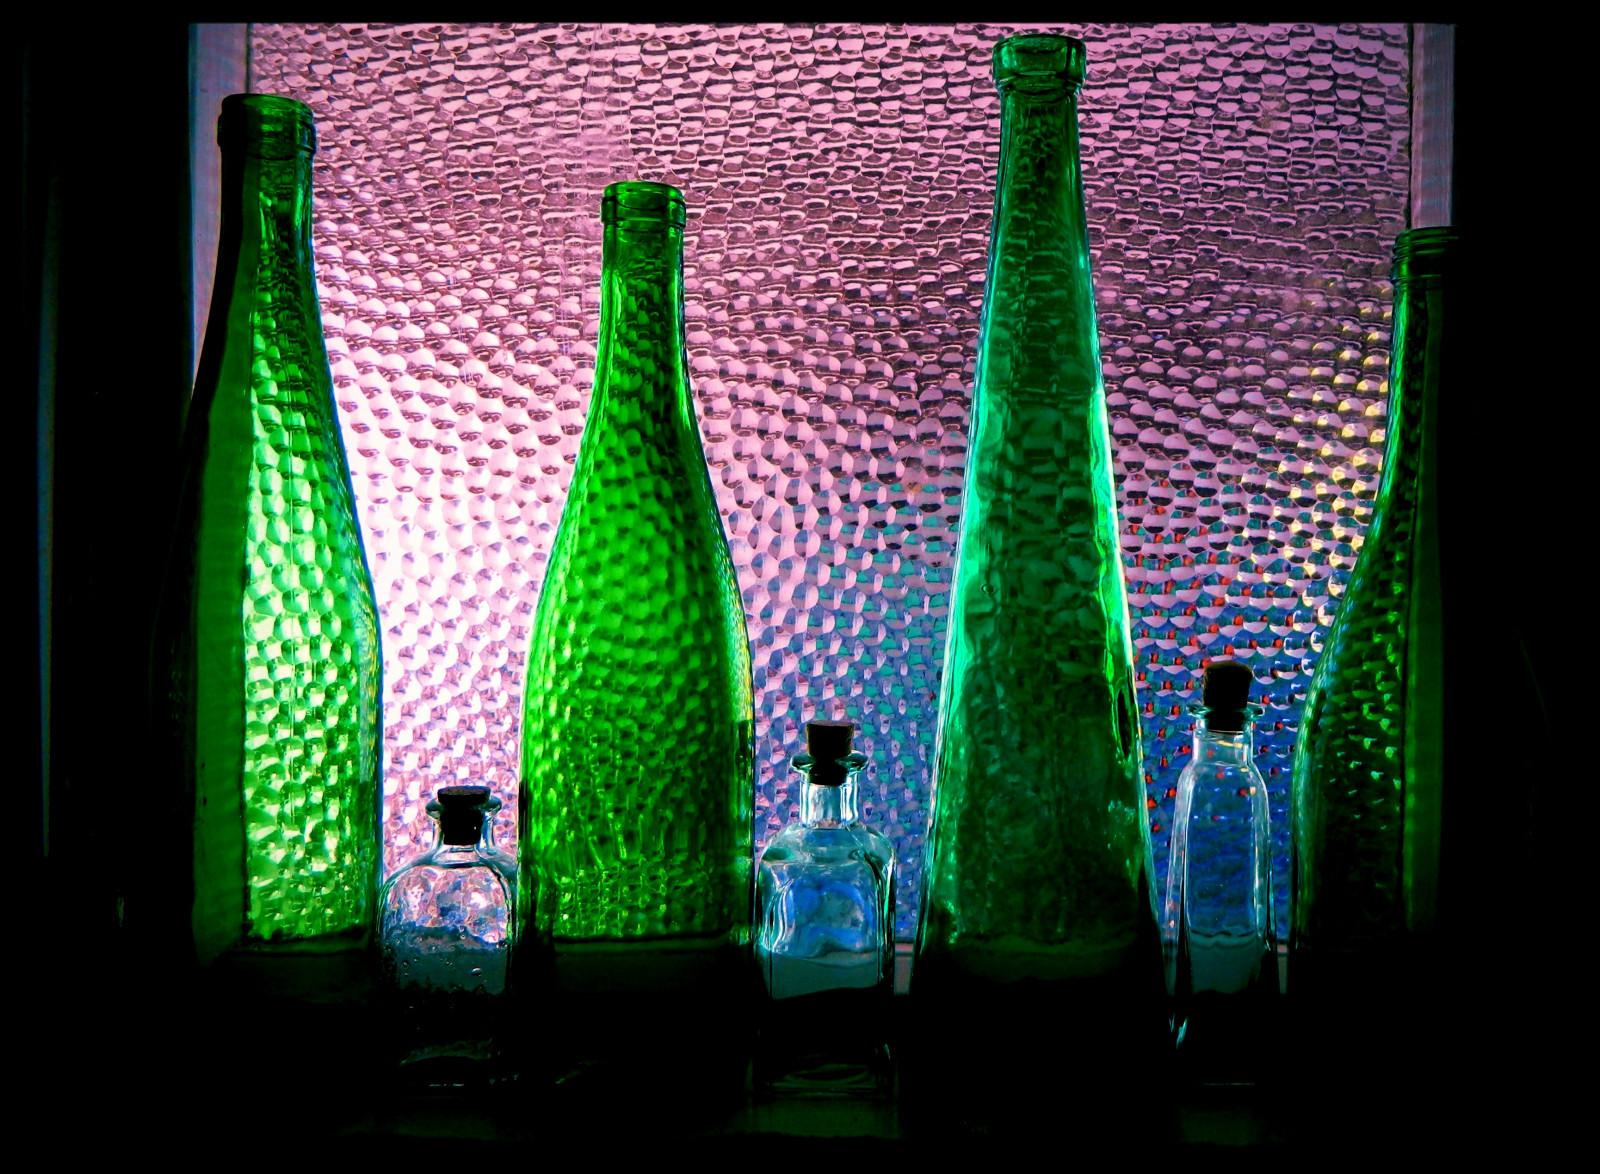 Sfondi Verde Bottiglia Di Vetro Leggero Acqua Bicchiere